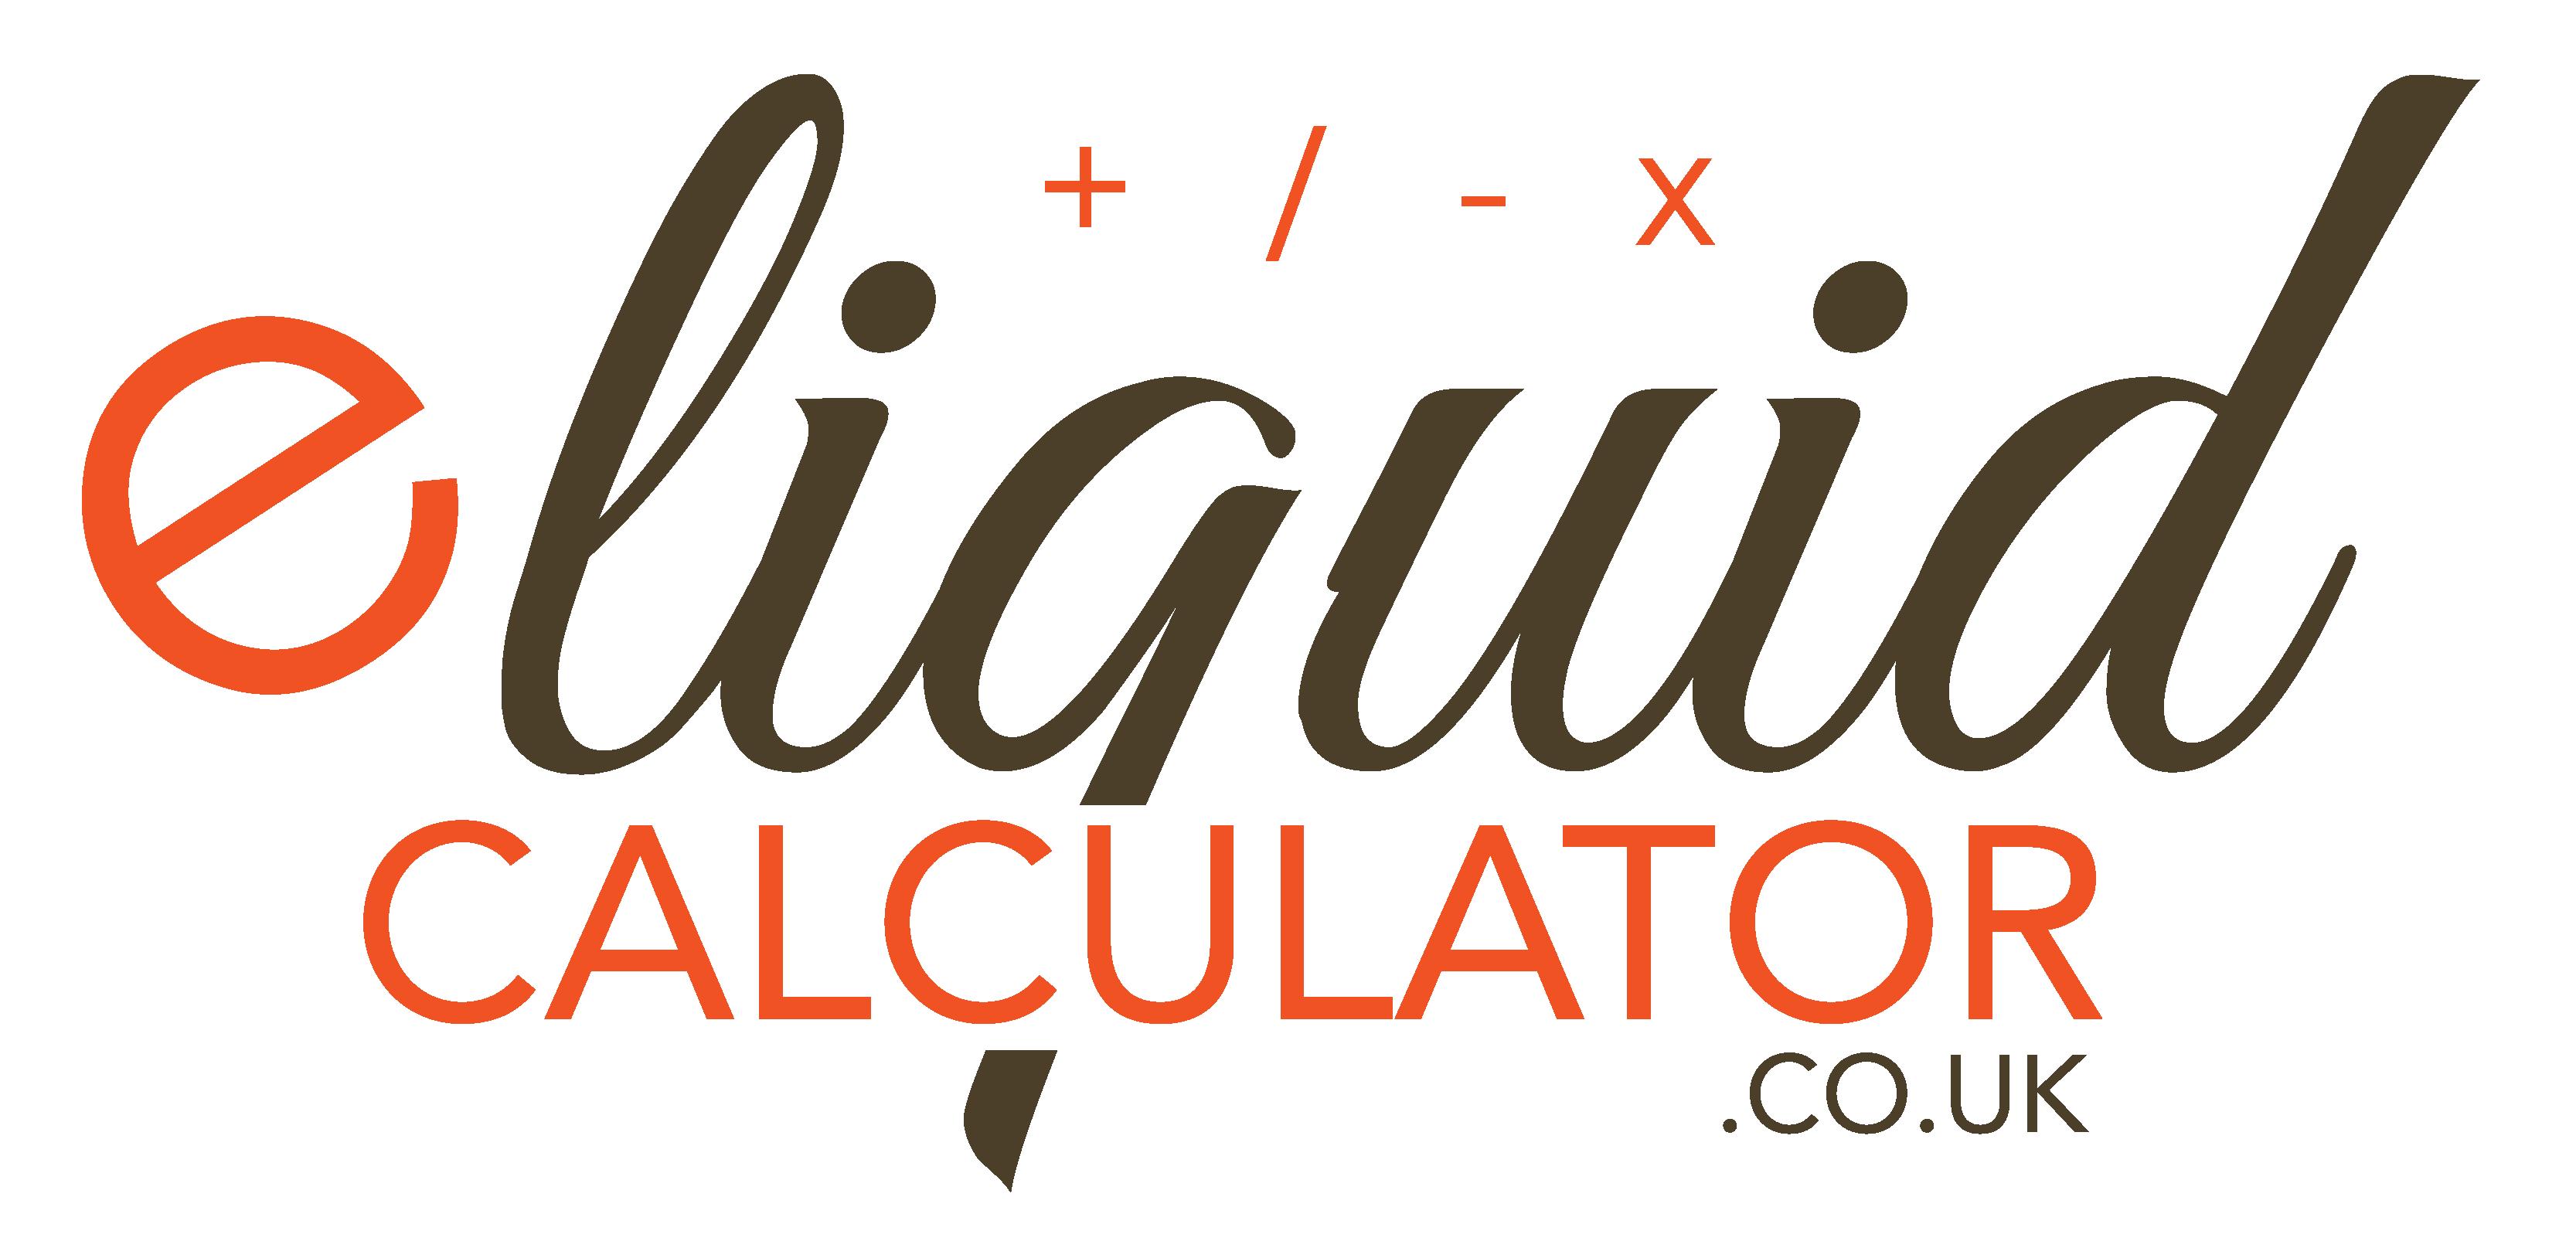 Eliquidcalculator